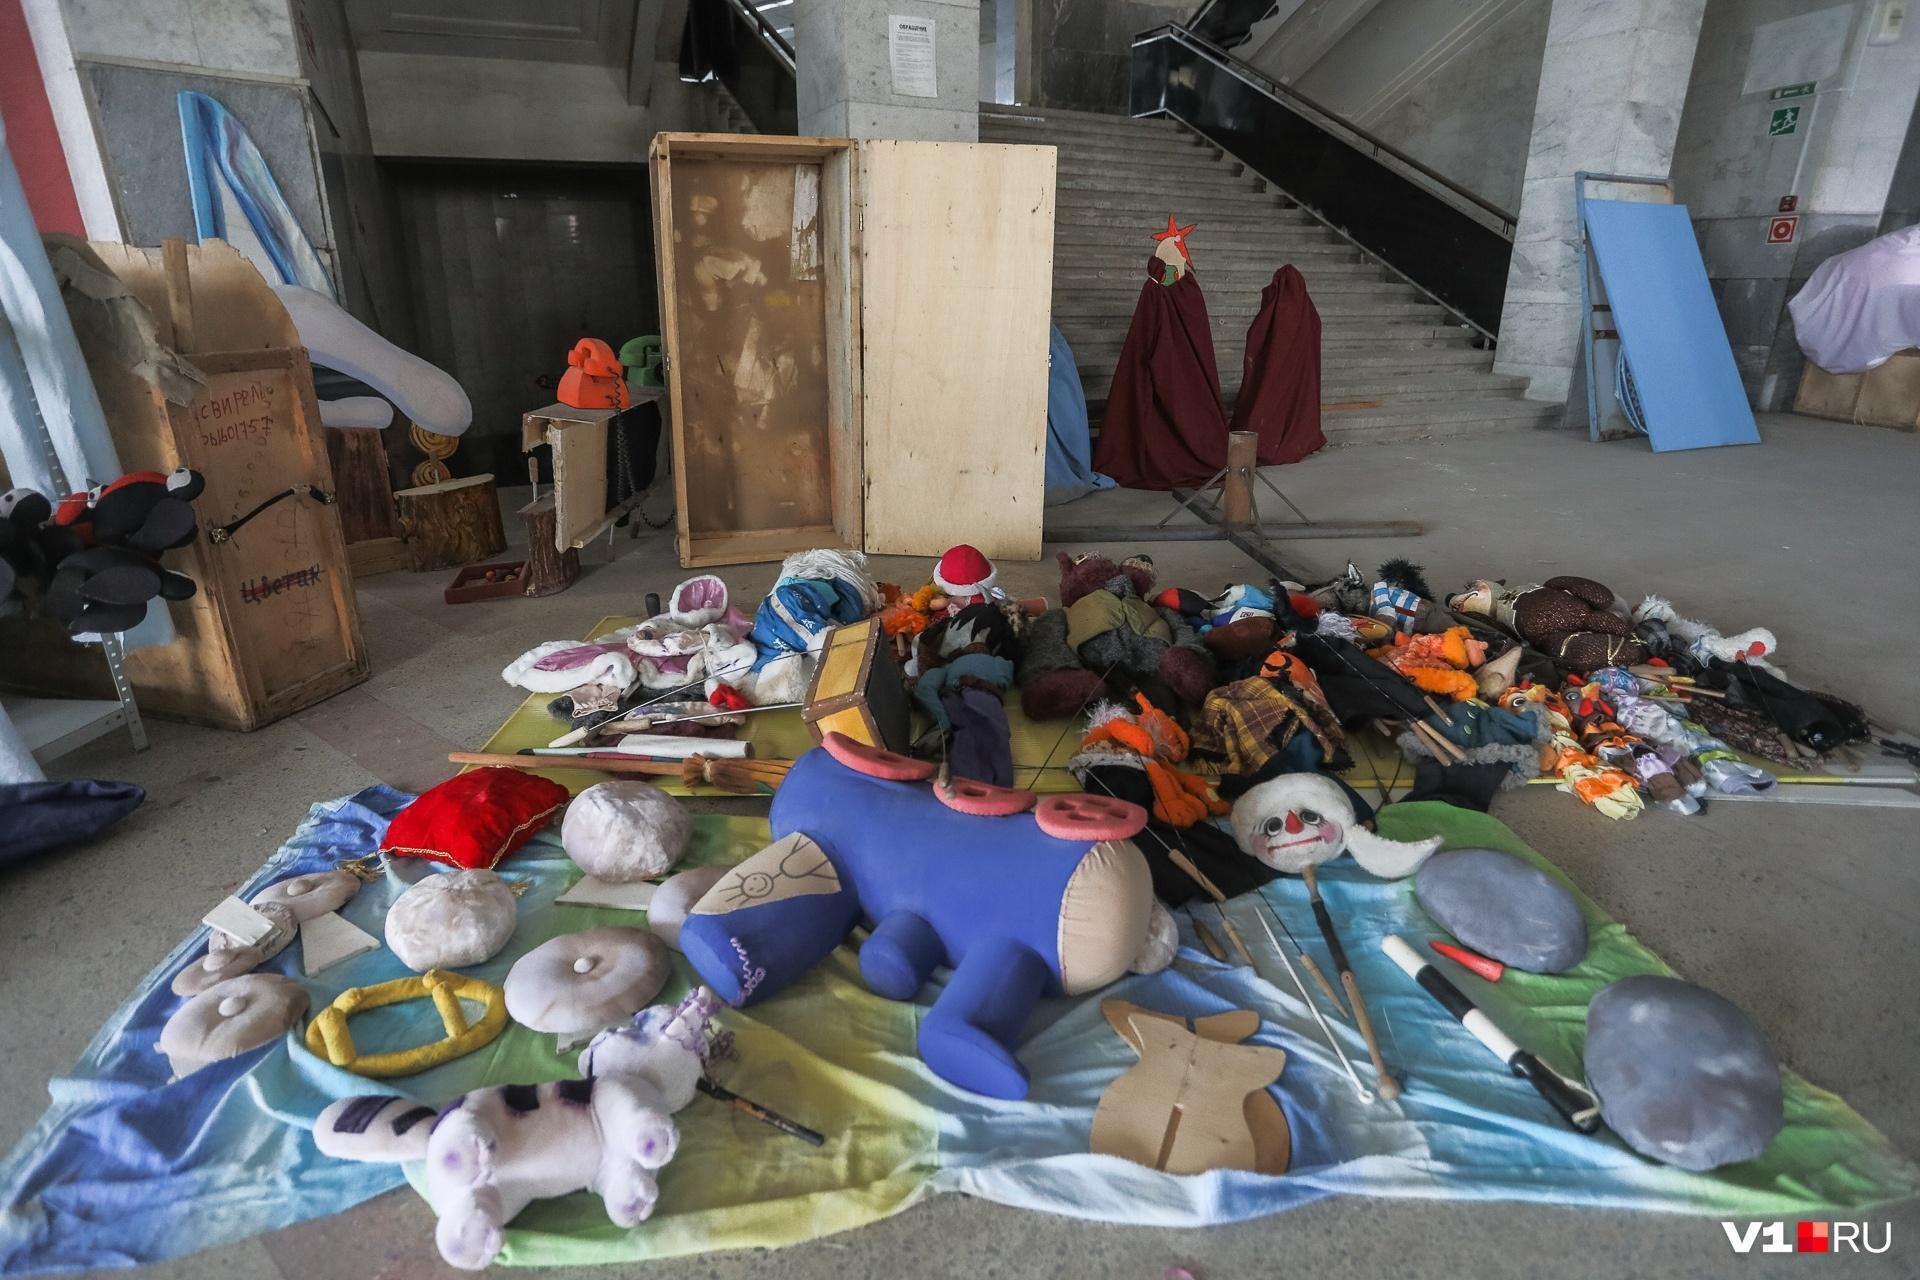 Универмаг используется под склад костюмов Кукольного театра